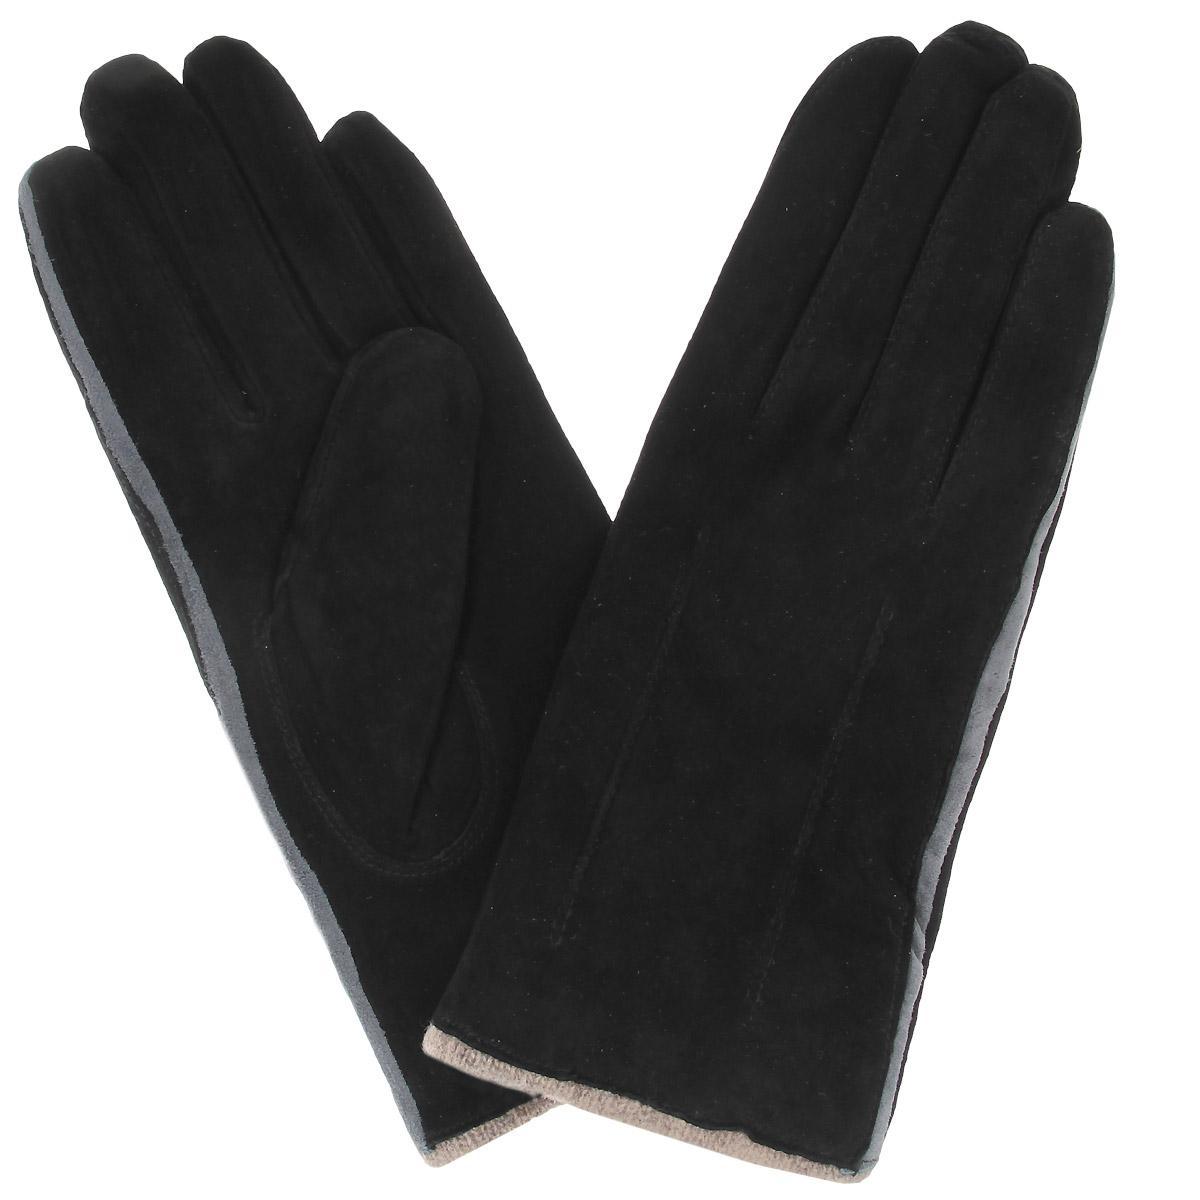 Перчатки женские. SP13_FIA - Dali ExclusiveSP13_FIA/BR.VERDEСтильные перчатки Dali Exclusive с подкладкой из шерсти выполнены из мягкой и приятной на ощупь натуральной замши. Такие перчатки подчеркнут ваш стиль и неповторимость и придадут всему образу нотки женственности и элегантности.